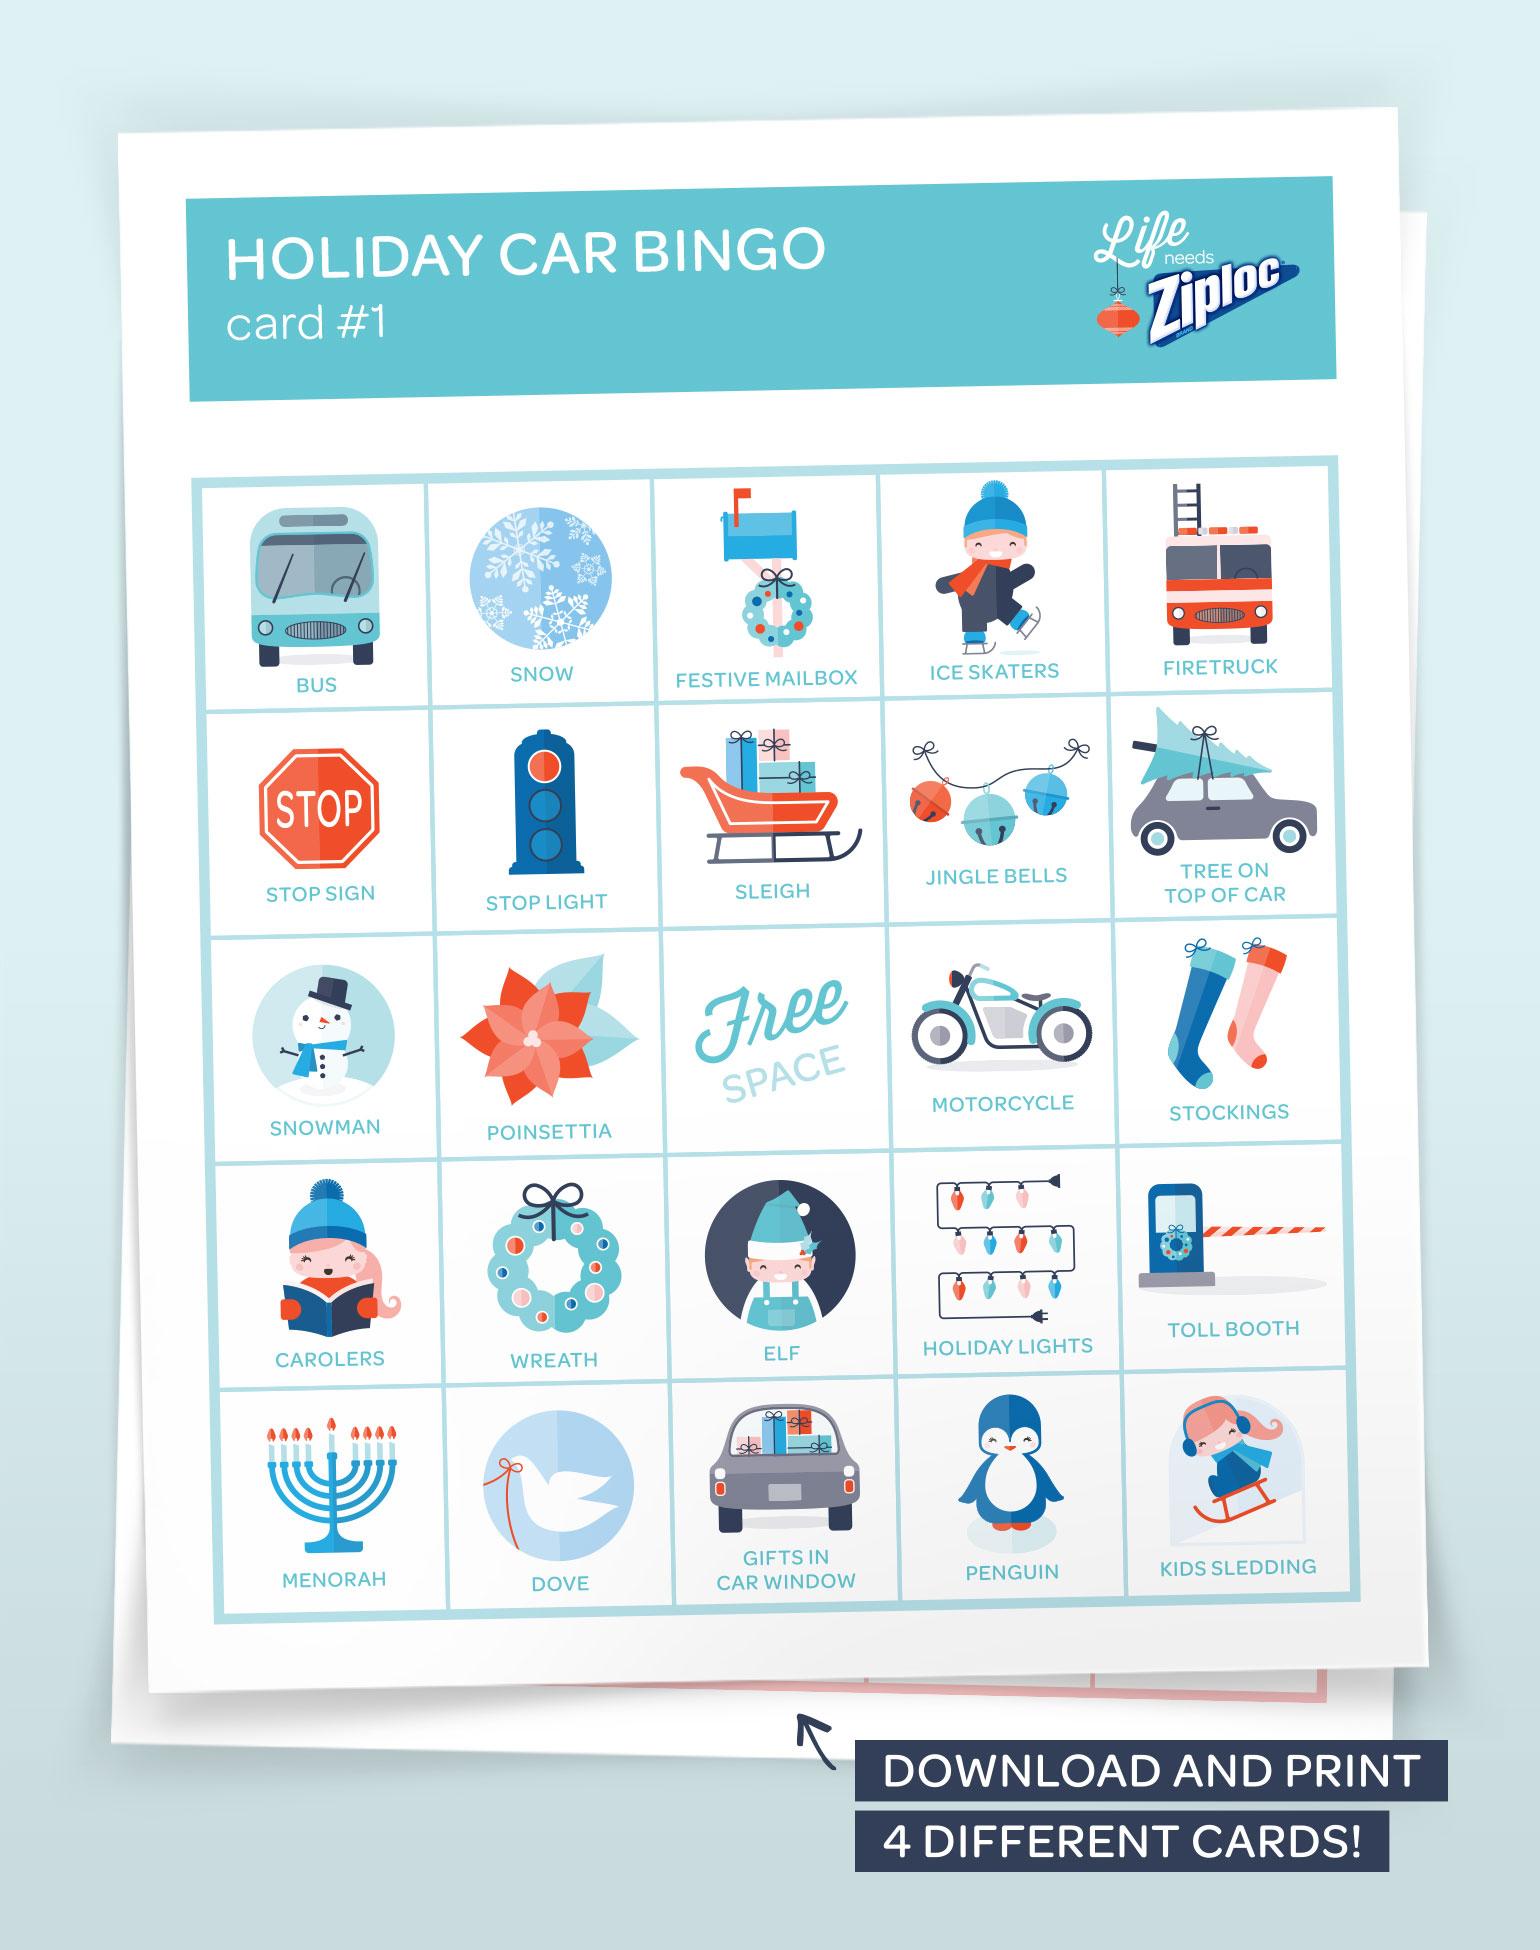 Sobrevive a los viajes en carretera en los días festivos con un Bingo sobre ruedas